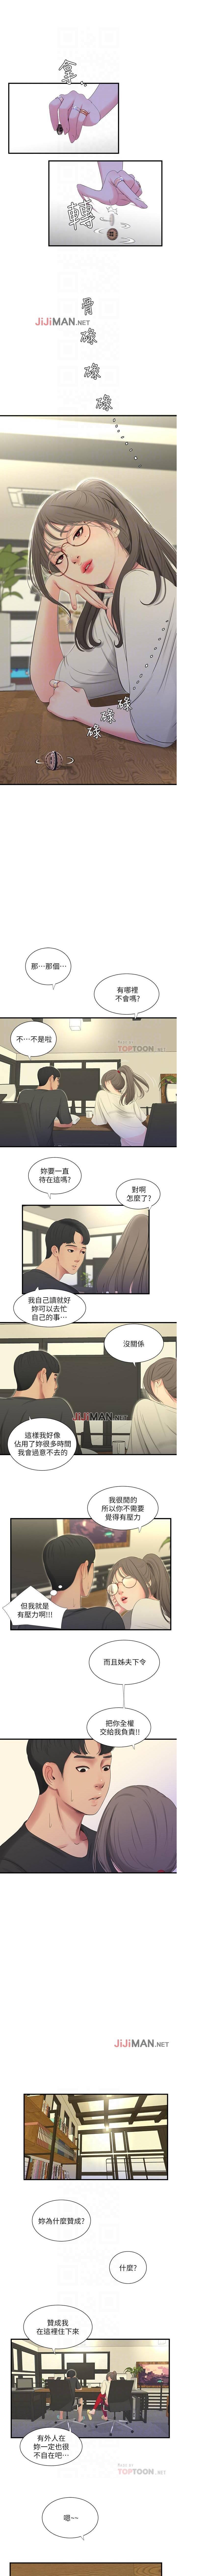 【周四连载】亲家四姐妹(作者:愛摸) 第1~27话 86